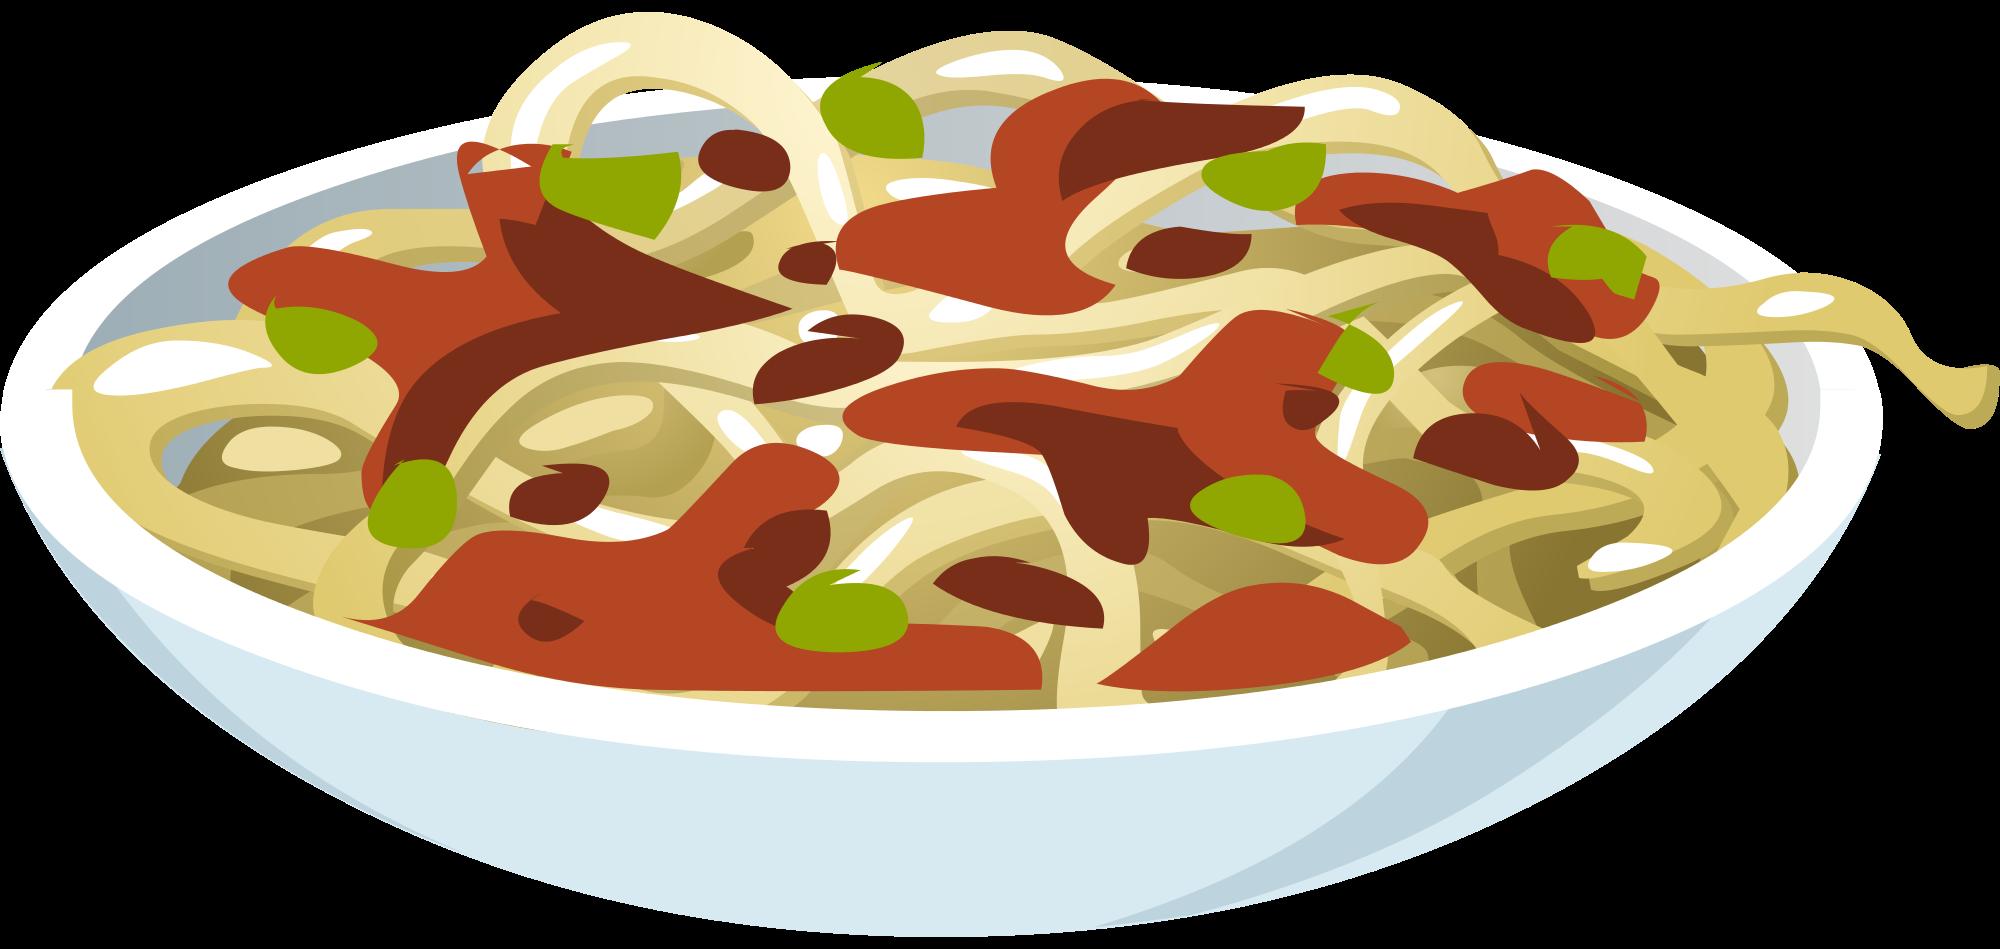 Pasta clipart pasta night. College living on campus